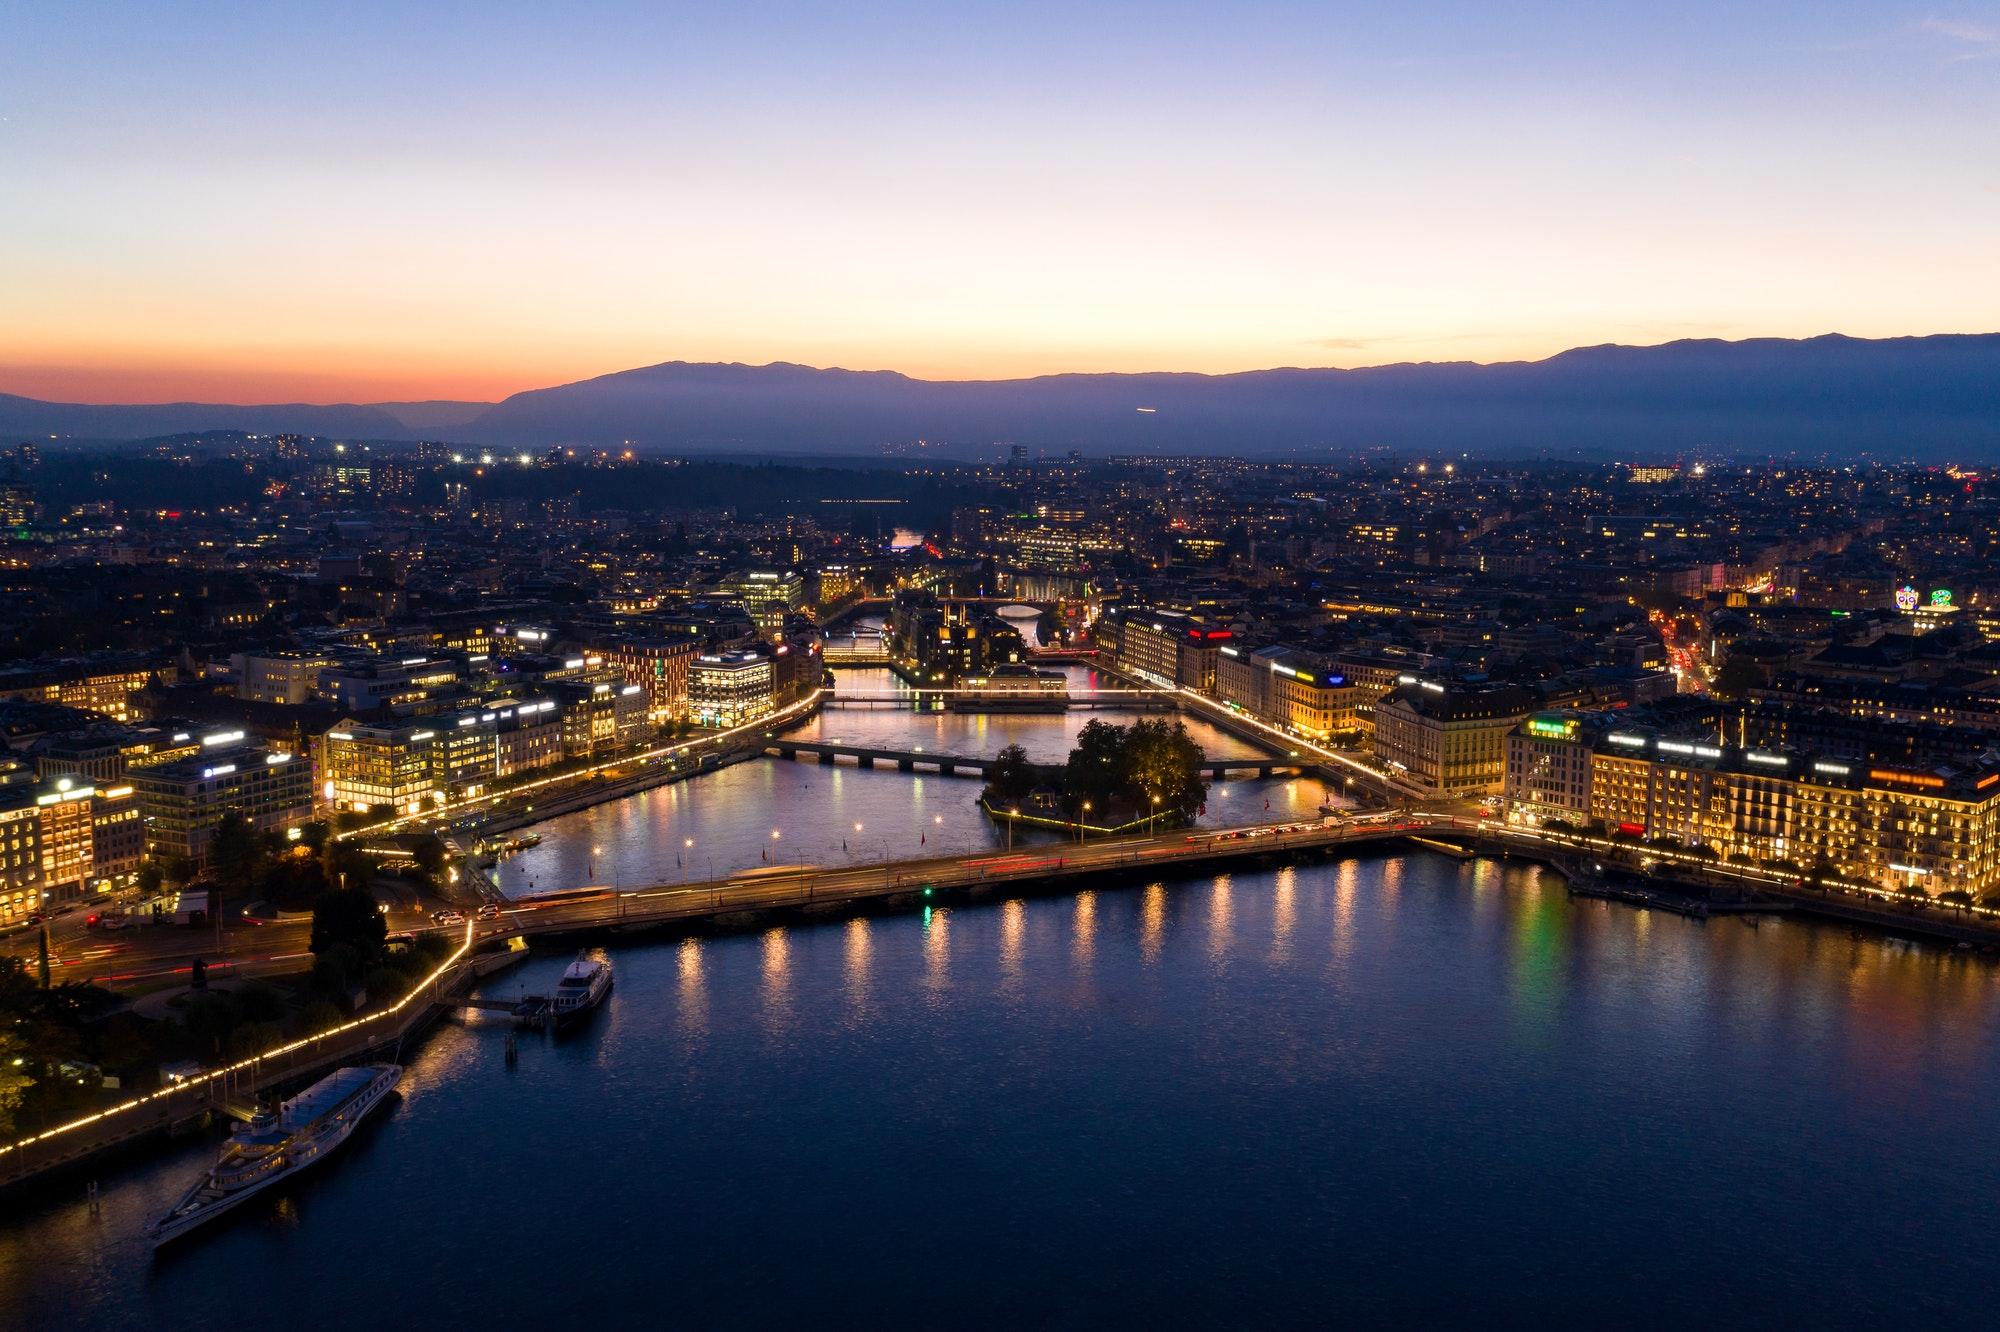 Aerial night view of Geneva city waterfront skyline in Switzerl